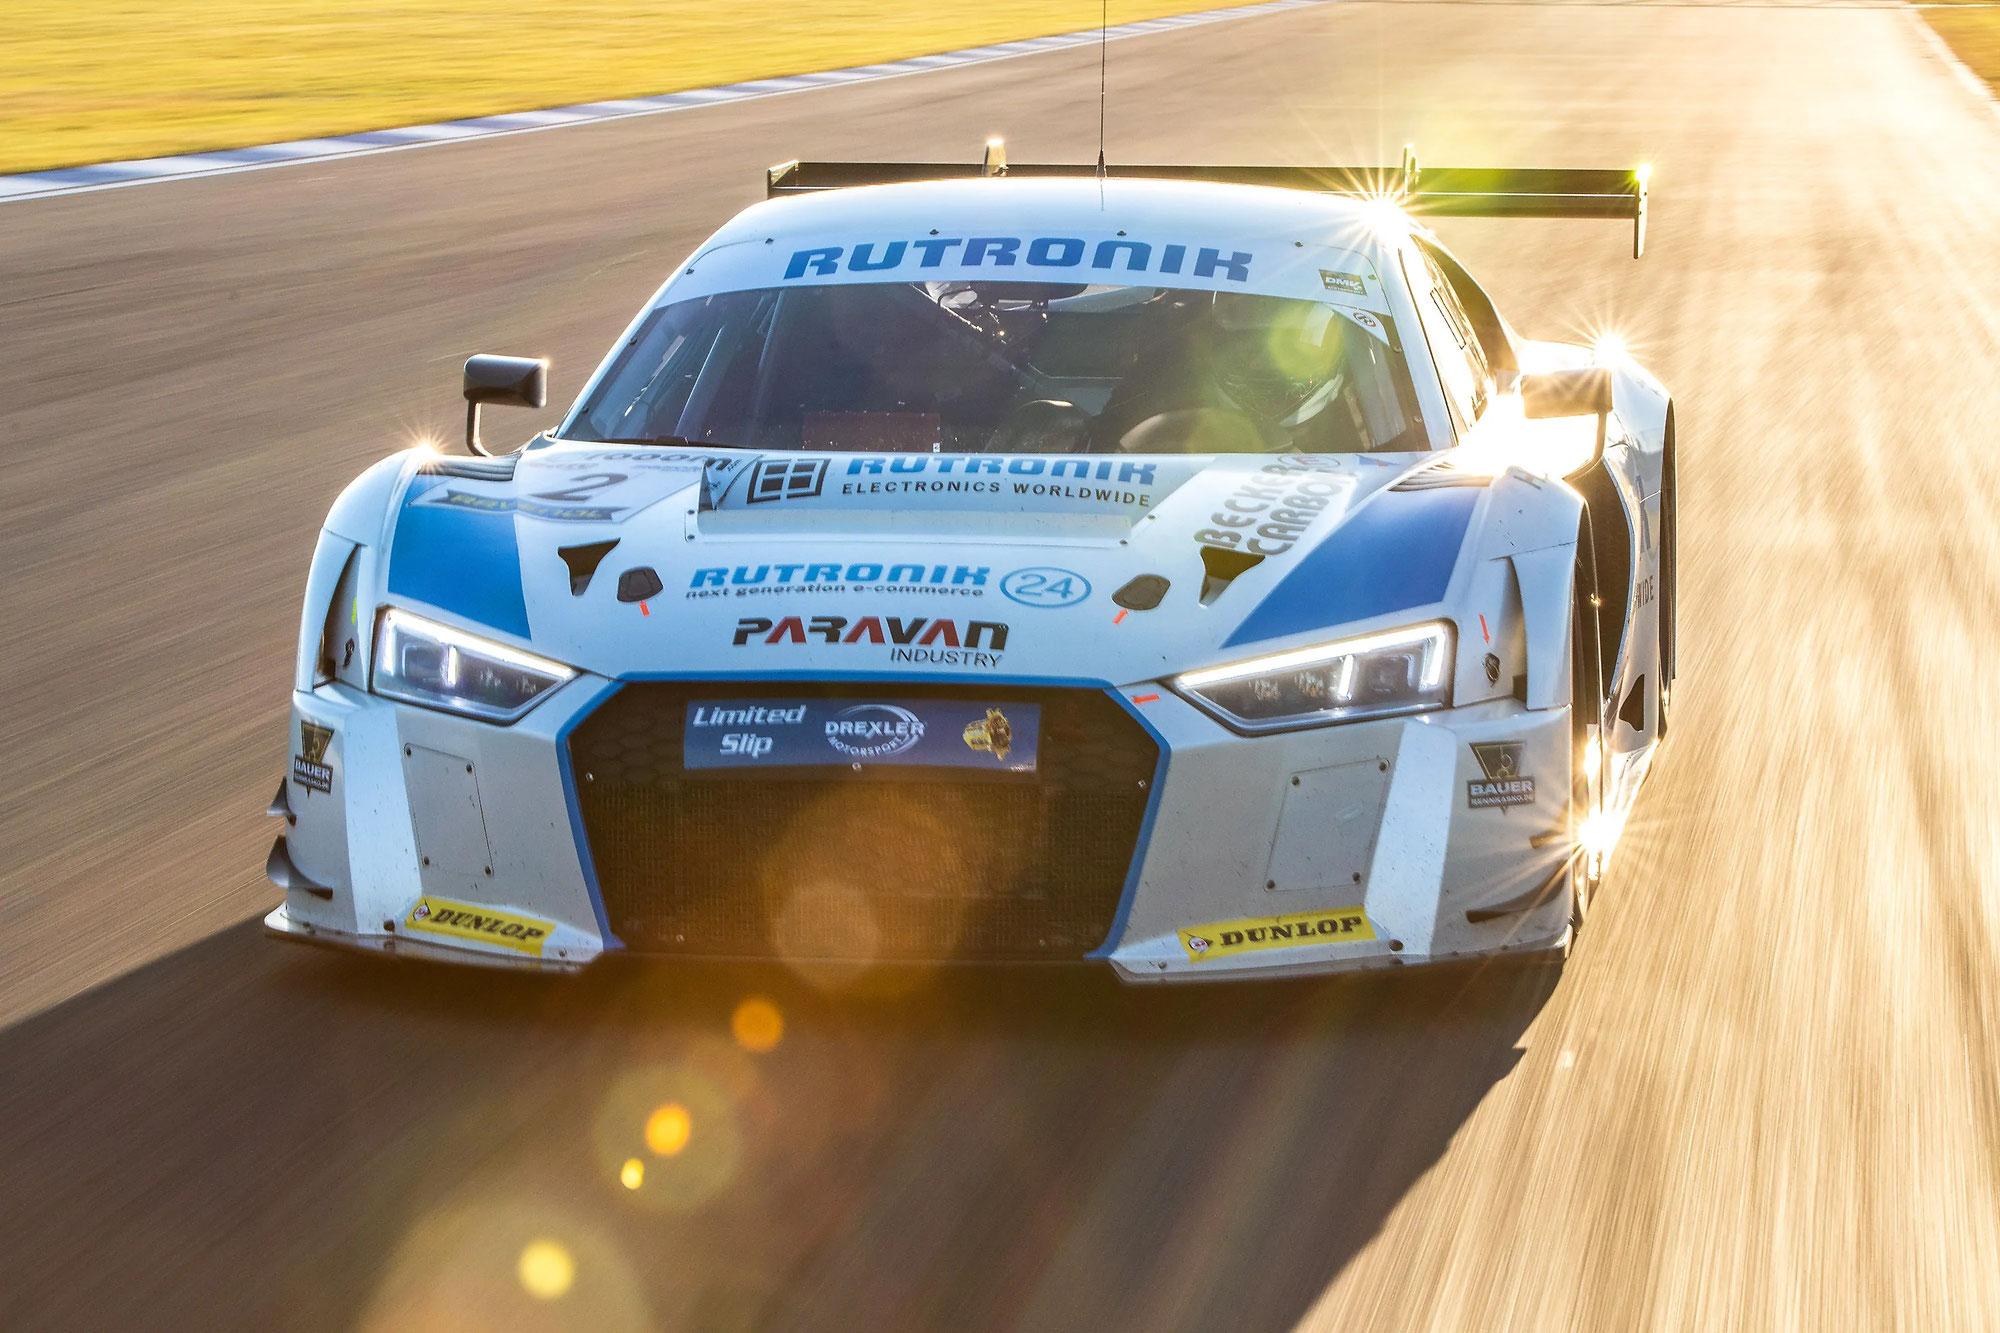 Rutronik Racing by TECE steigt in die 24h Series ein